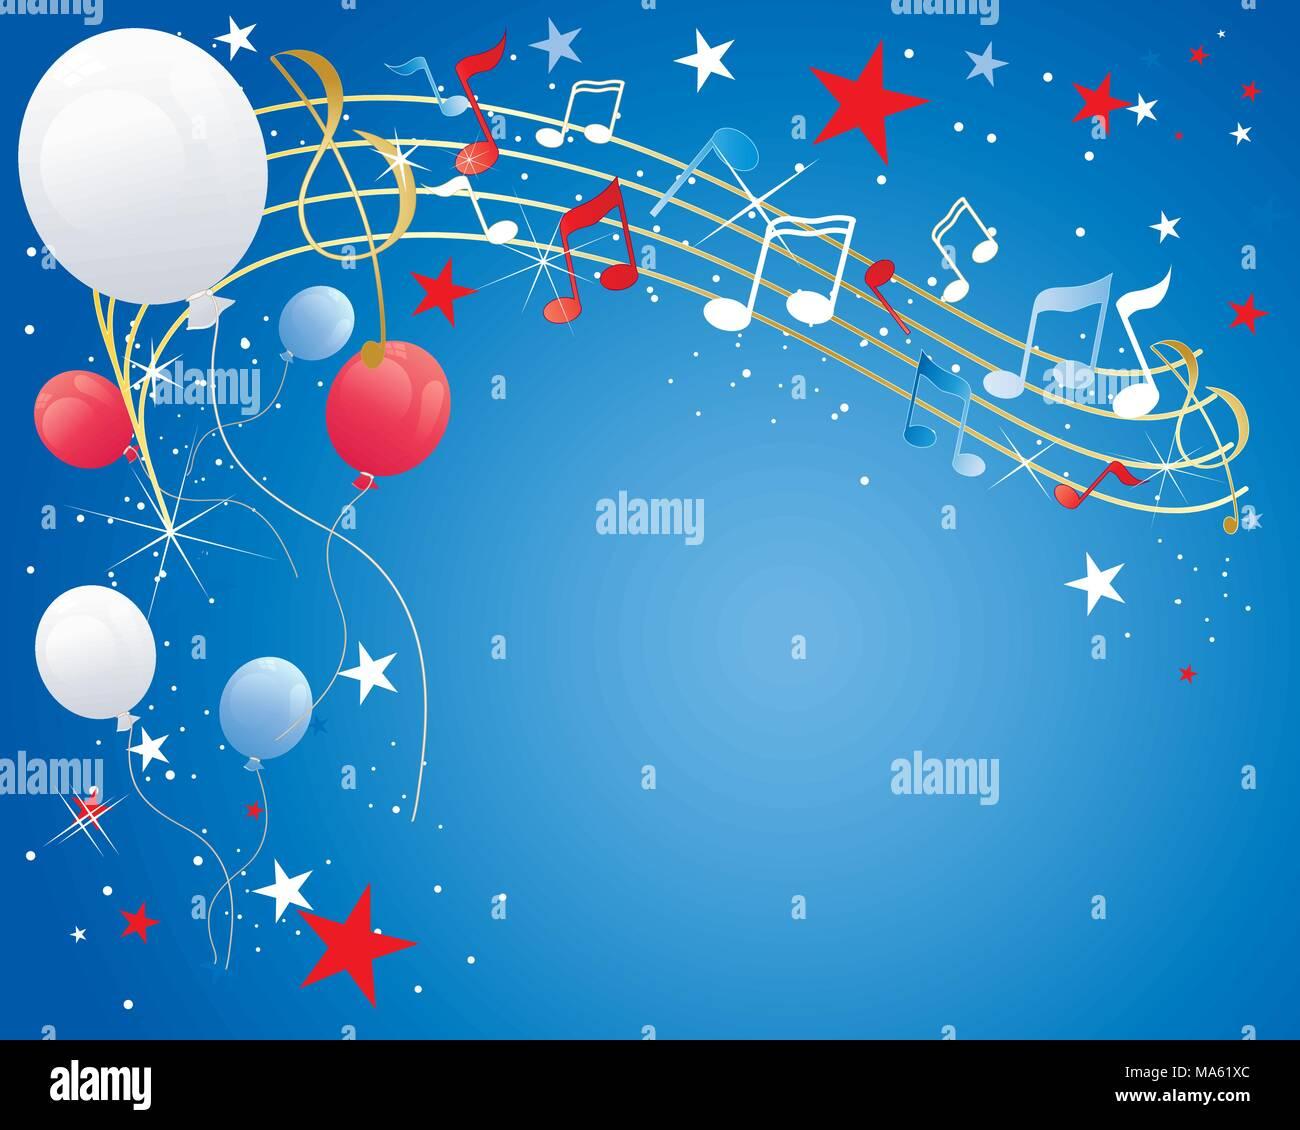 Una illustrazione vettoriale in formato eps formato 10 di luglio quarta celebrazione sfondo con note musicali palloncini brilla e stelle in rosso bianco e blu Immagini Stock